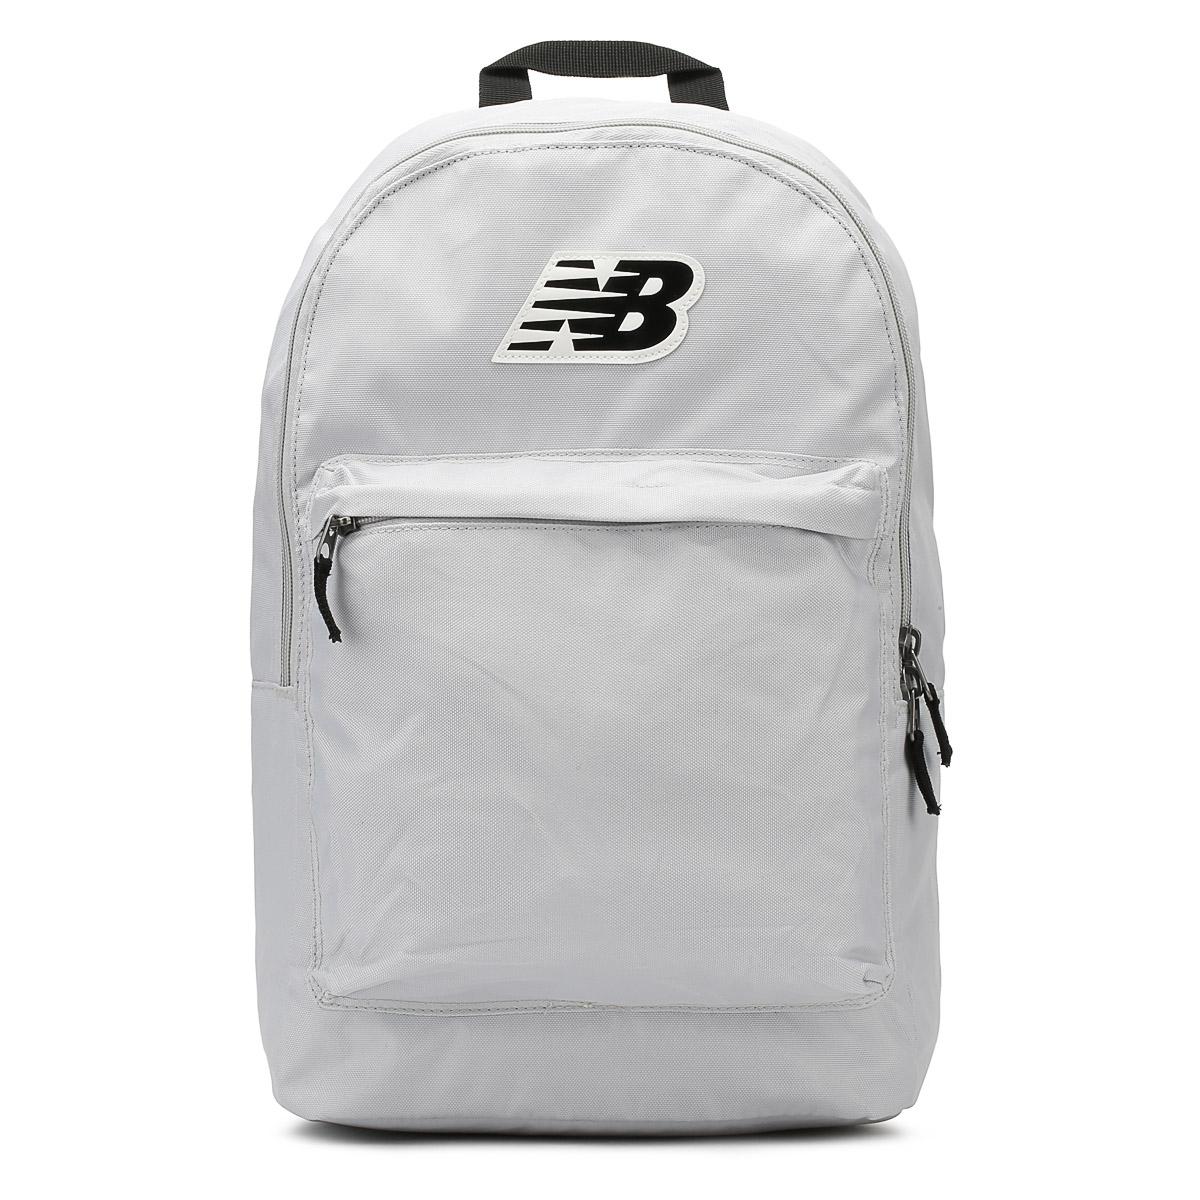 meilleures baskets edd84 f7d3a Handball Bag Backpack New Toulouse Balance Fenix nZ04ATTq1